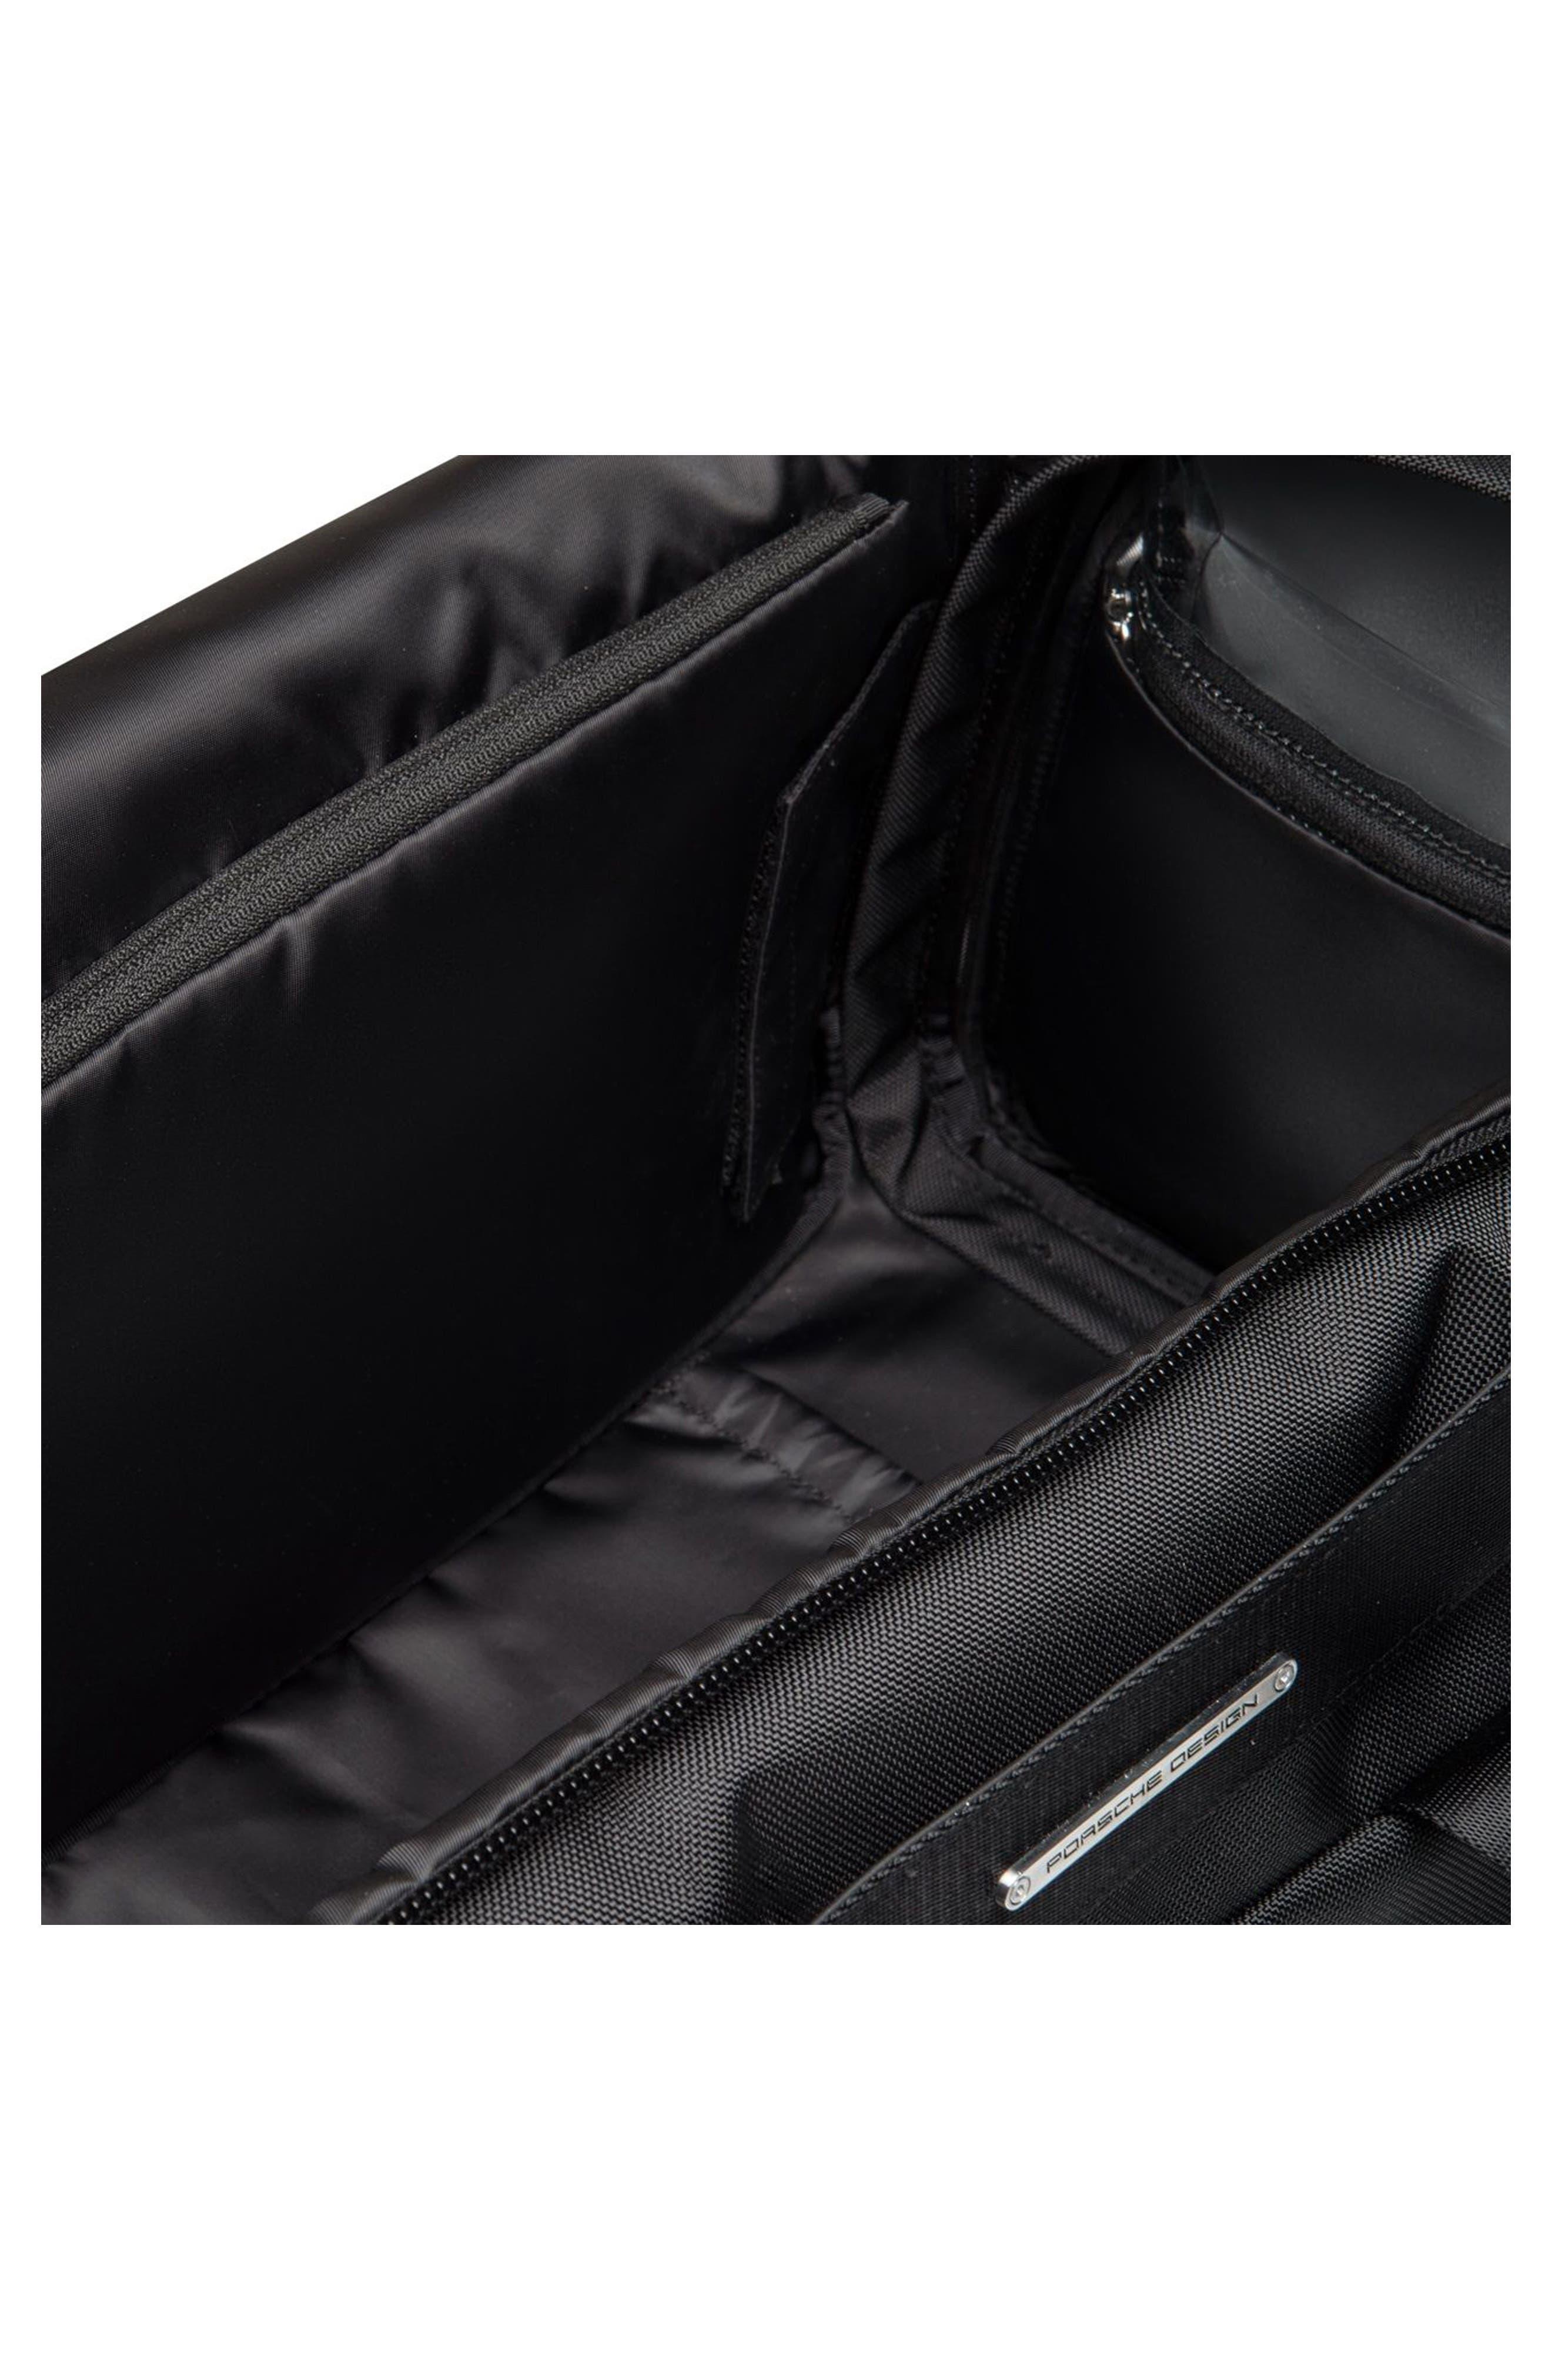 Roadster 3.0 Duffel Bag,                             Alternate thumbnail 3, color,